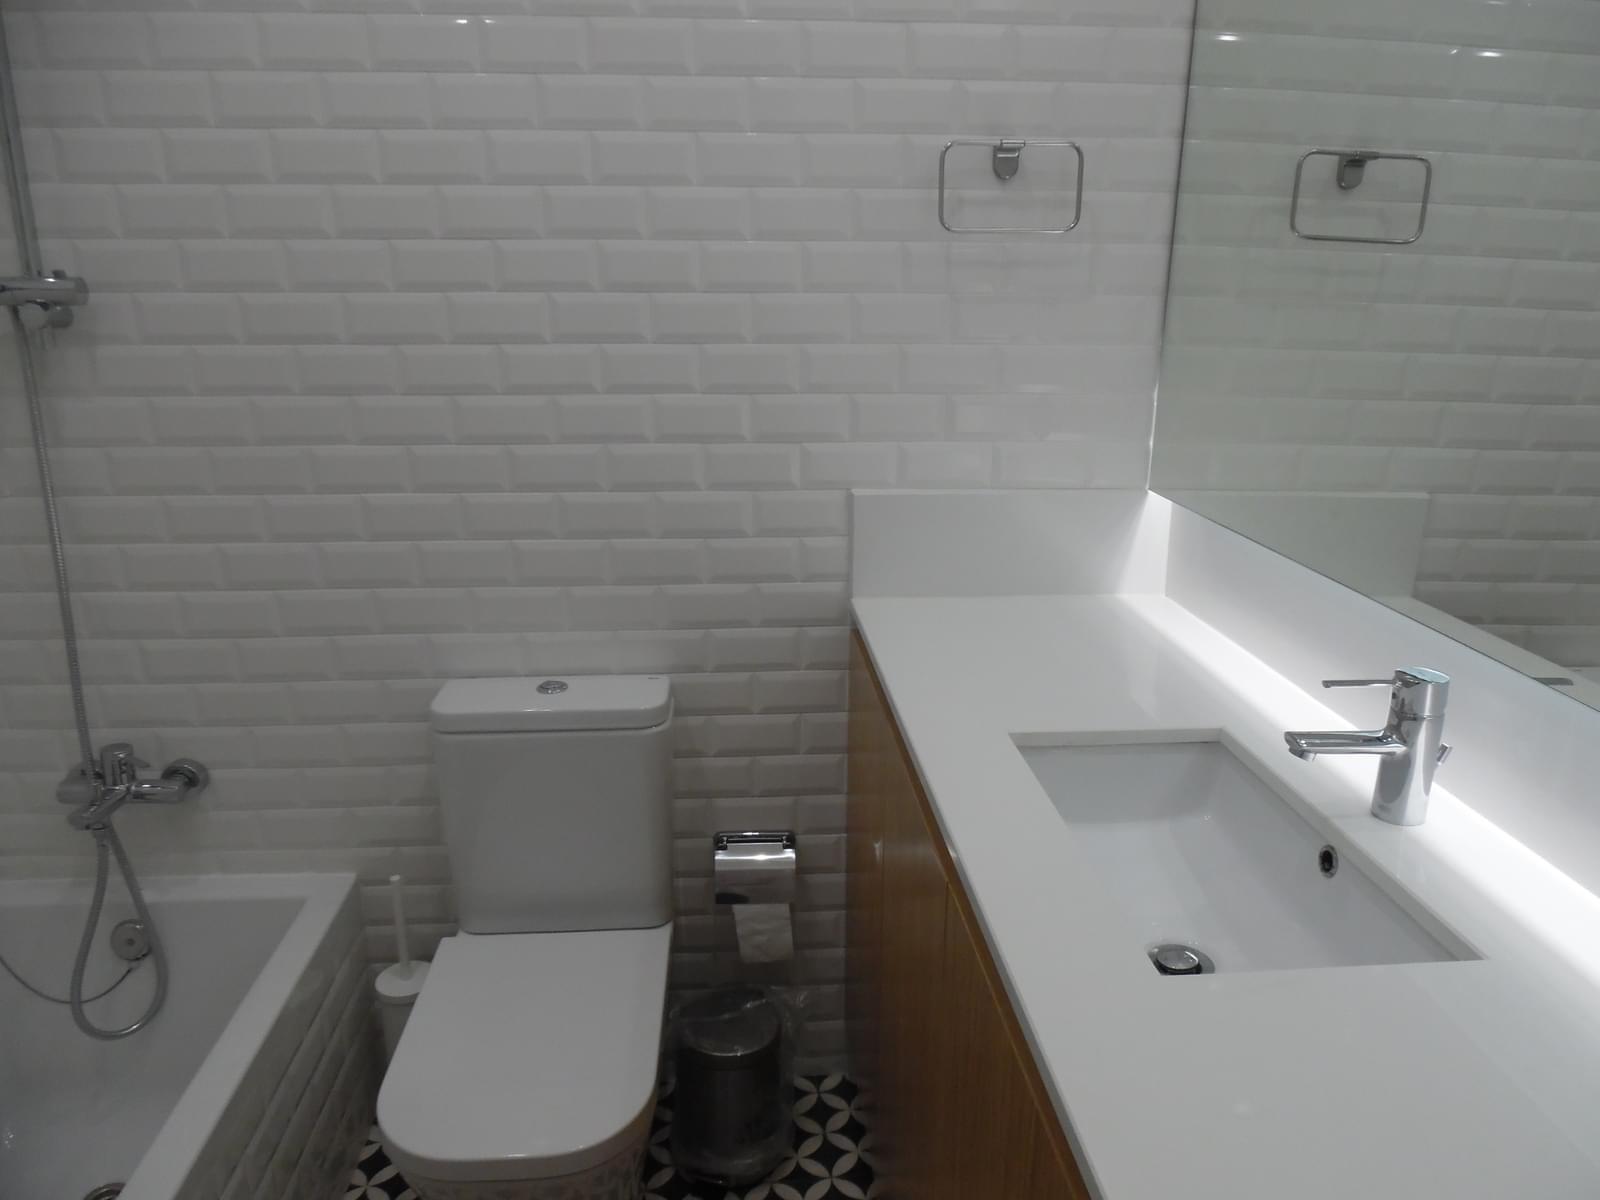 pf17256-apartamento-t2-lisboa-dd909163-aa6c-4899-a78b-3800ecdb02de